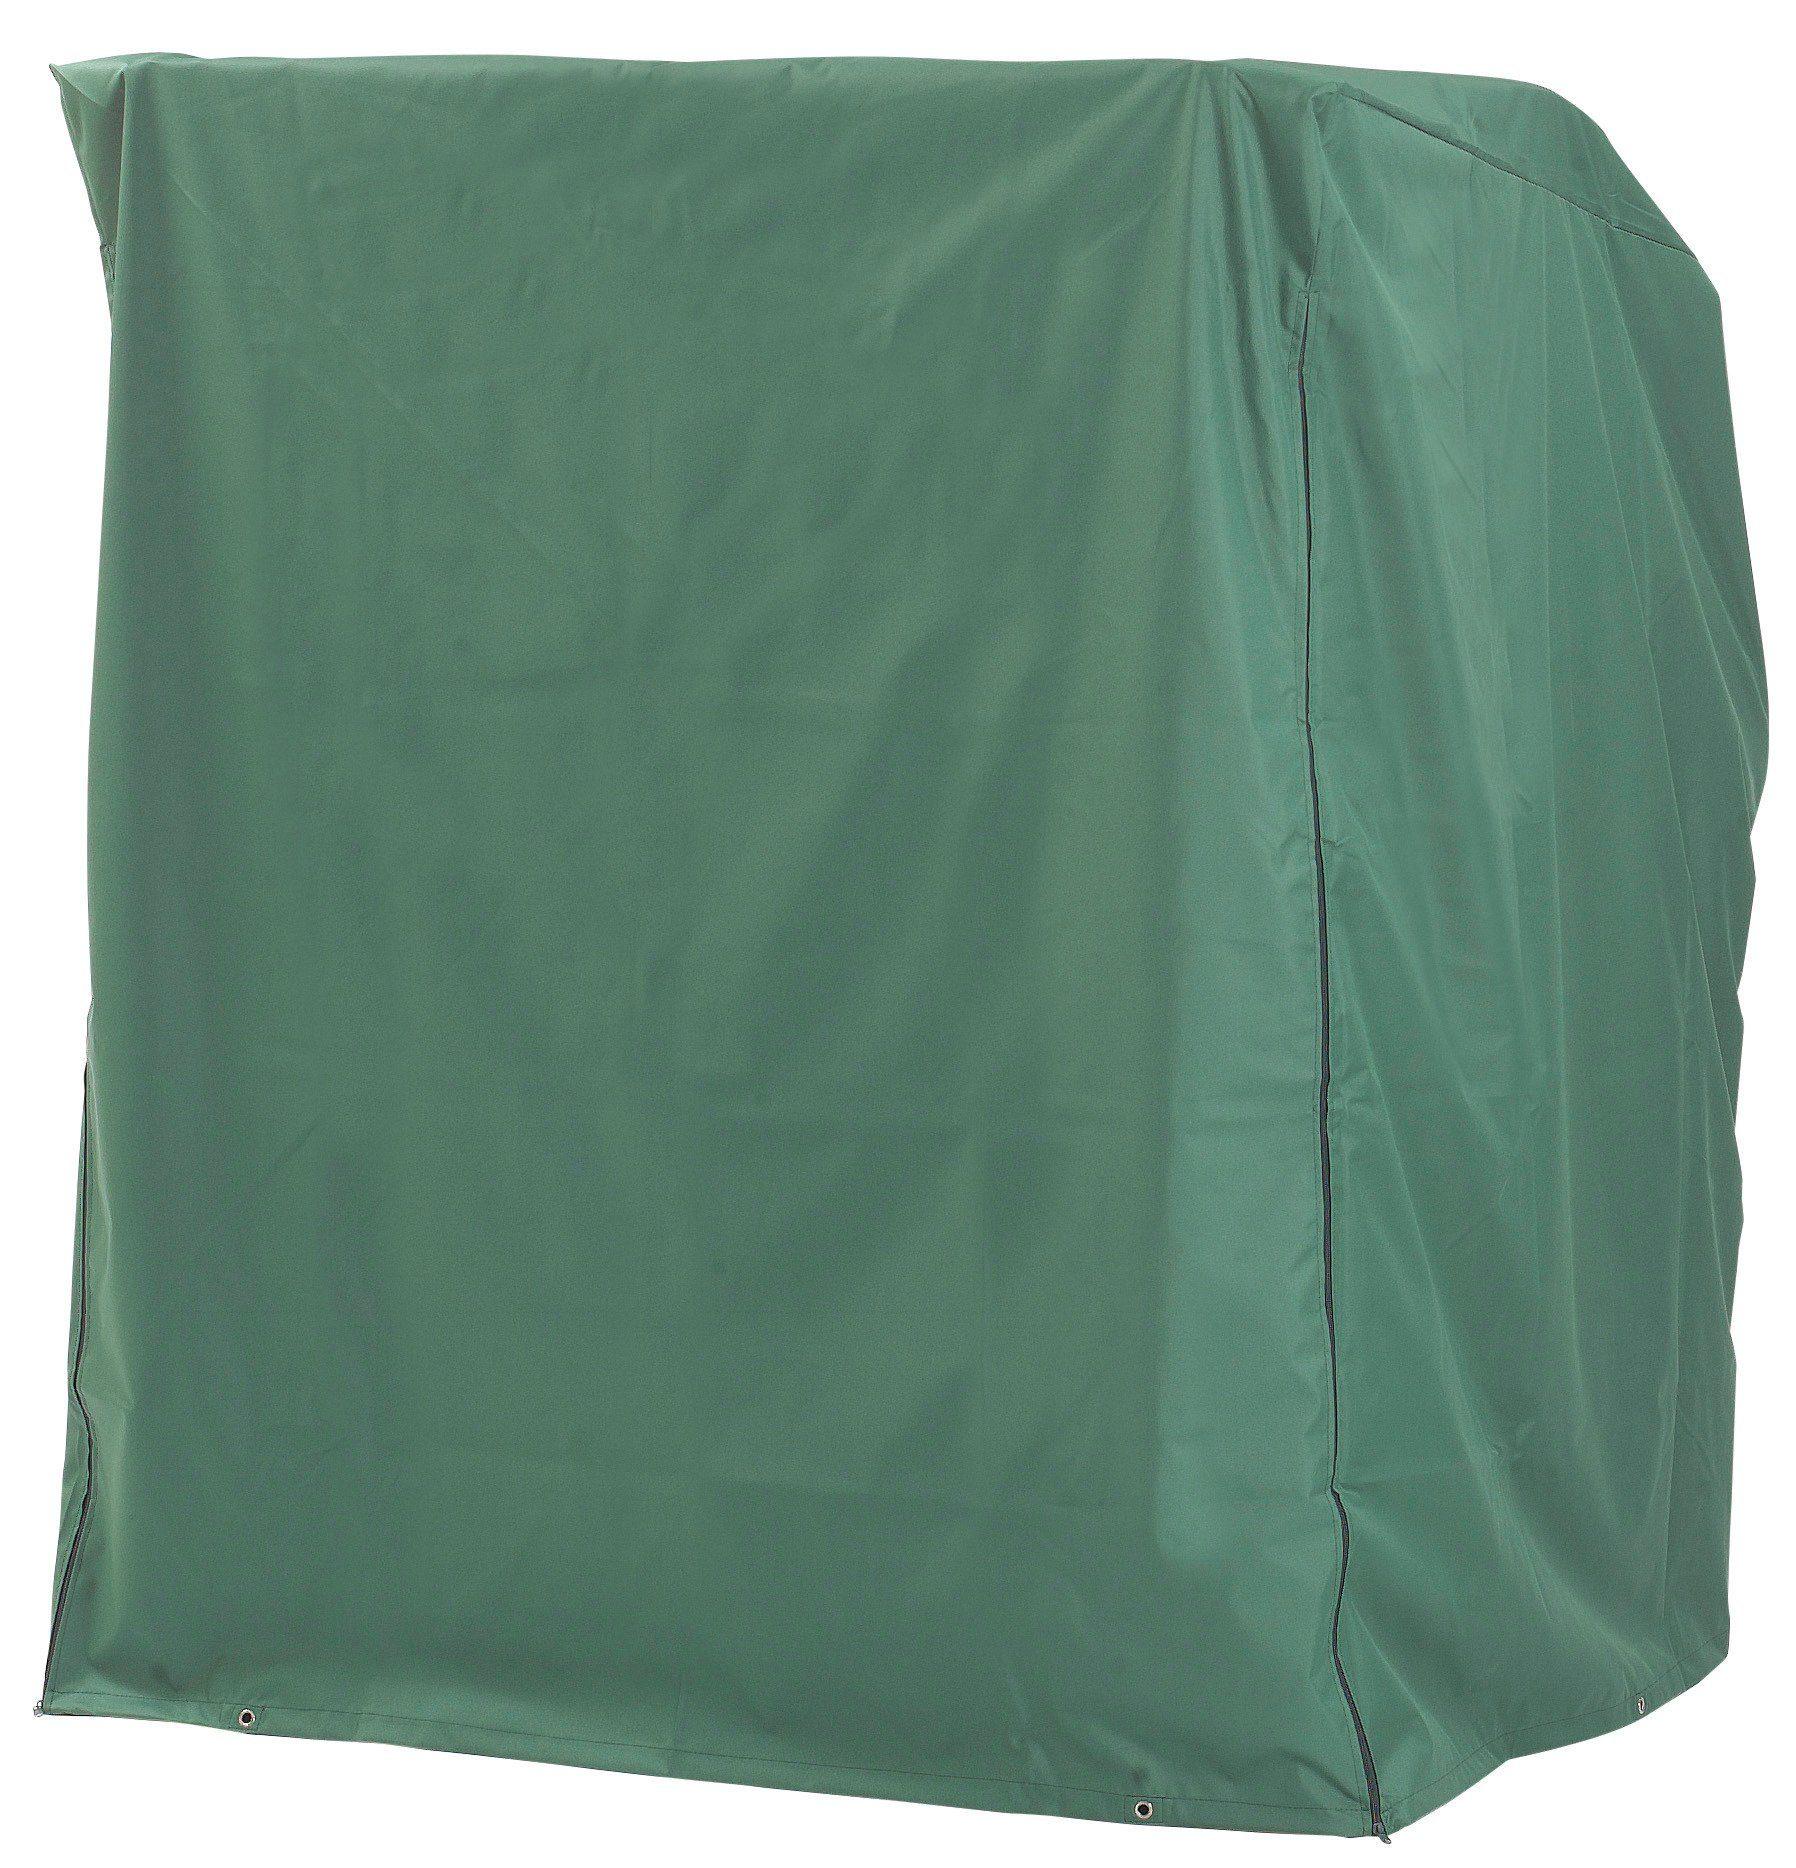 Strandkorb Schutzhülle für 2-Sitzer XL, Grün